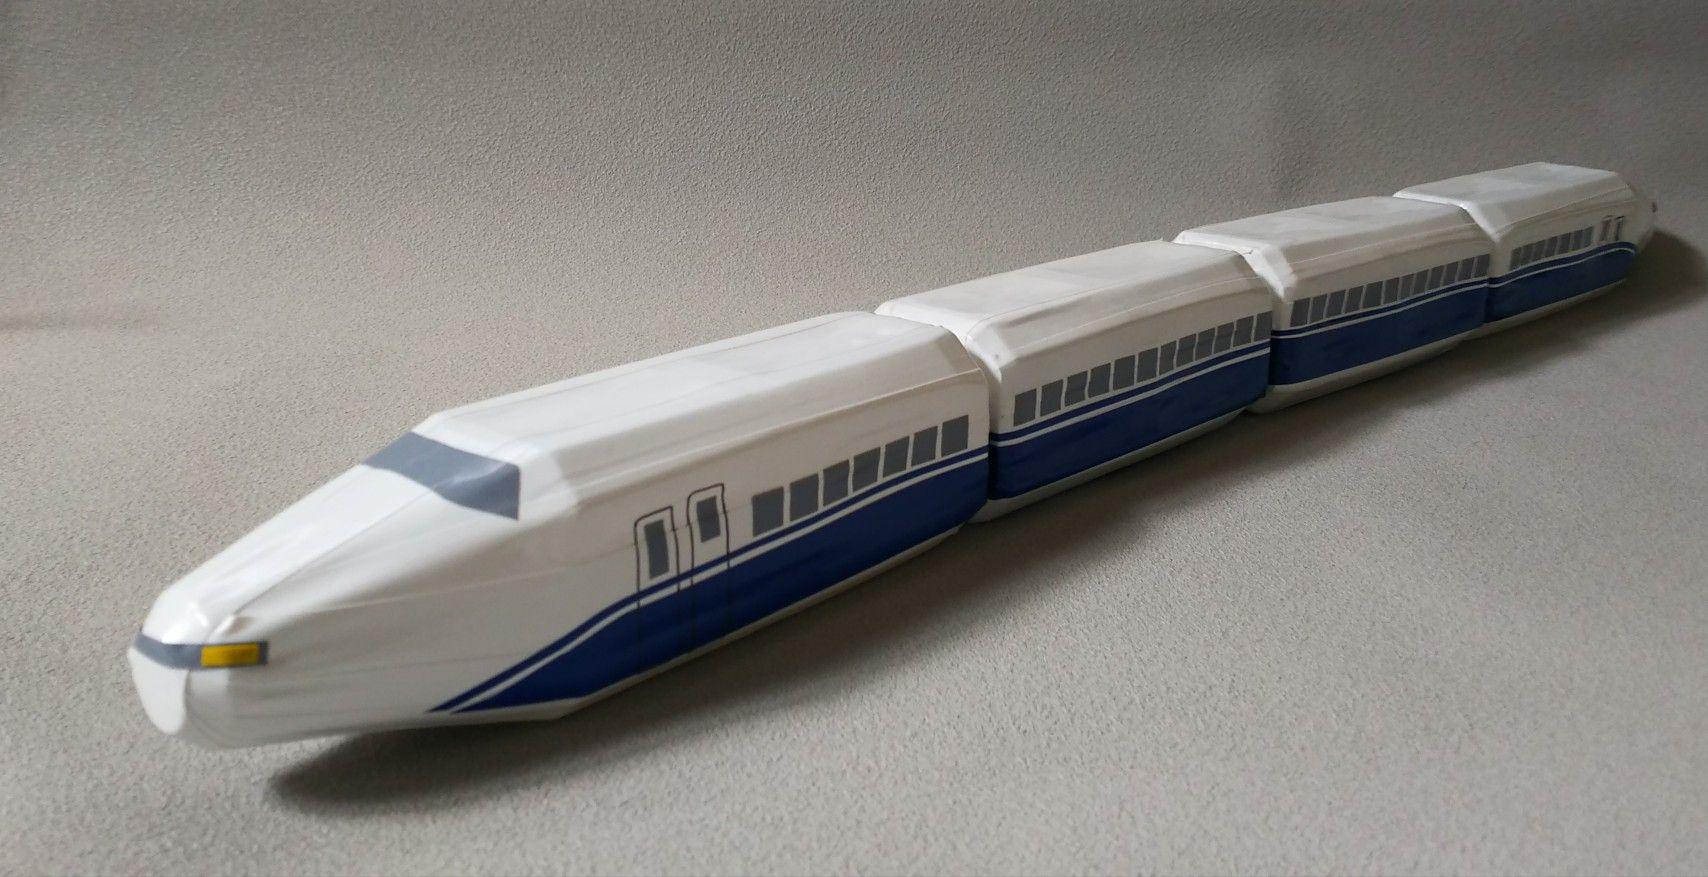 ペットボトルの新幹線 ペットボトル 手作りおもちゃ 新幹線